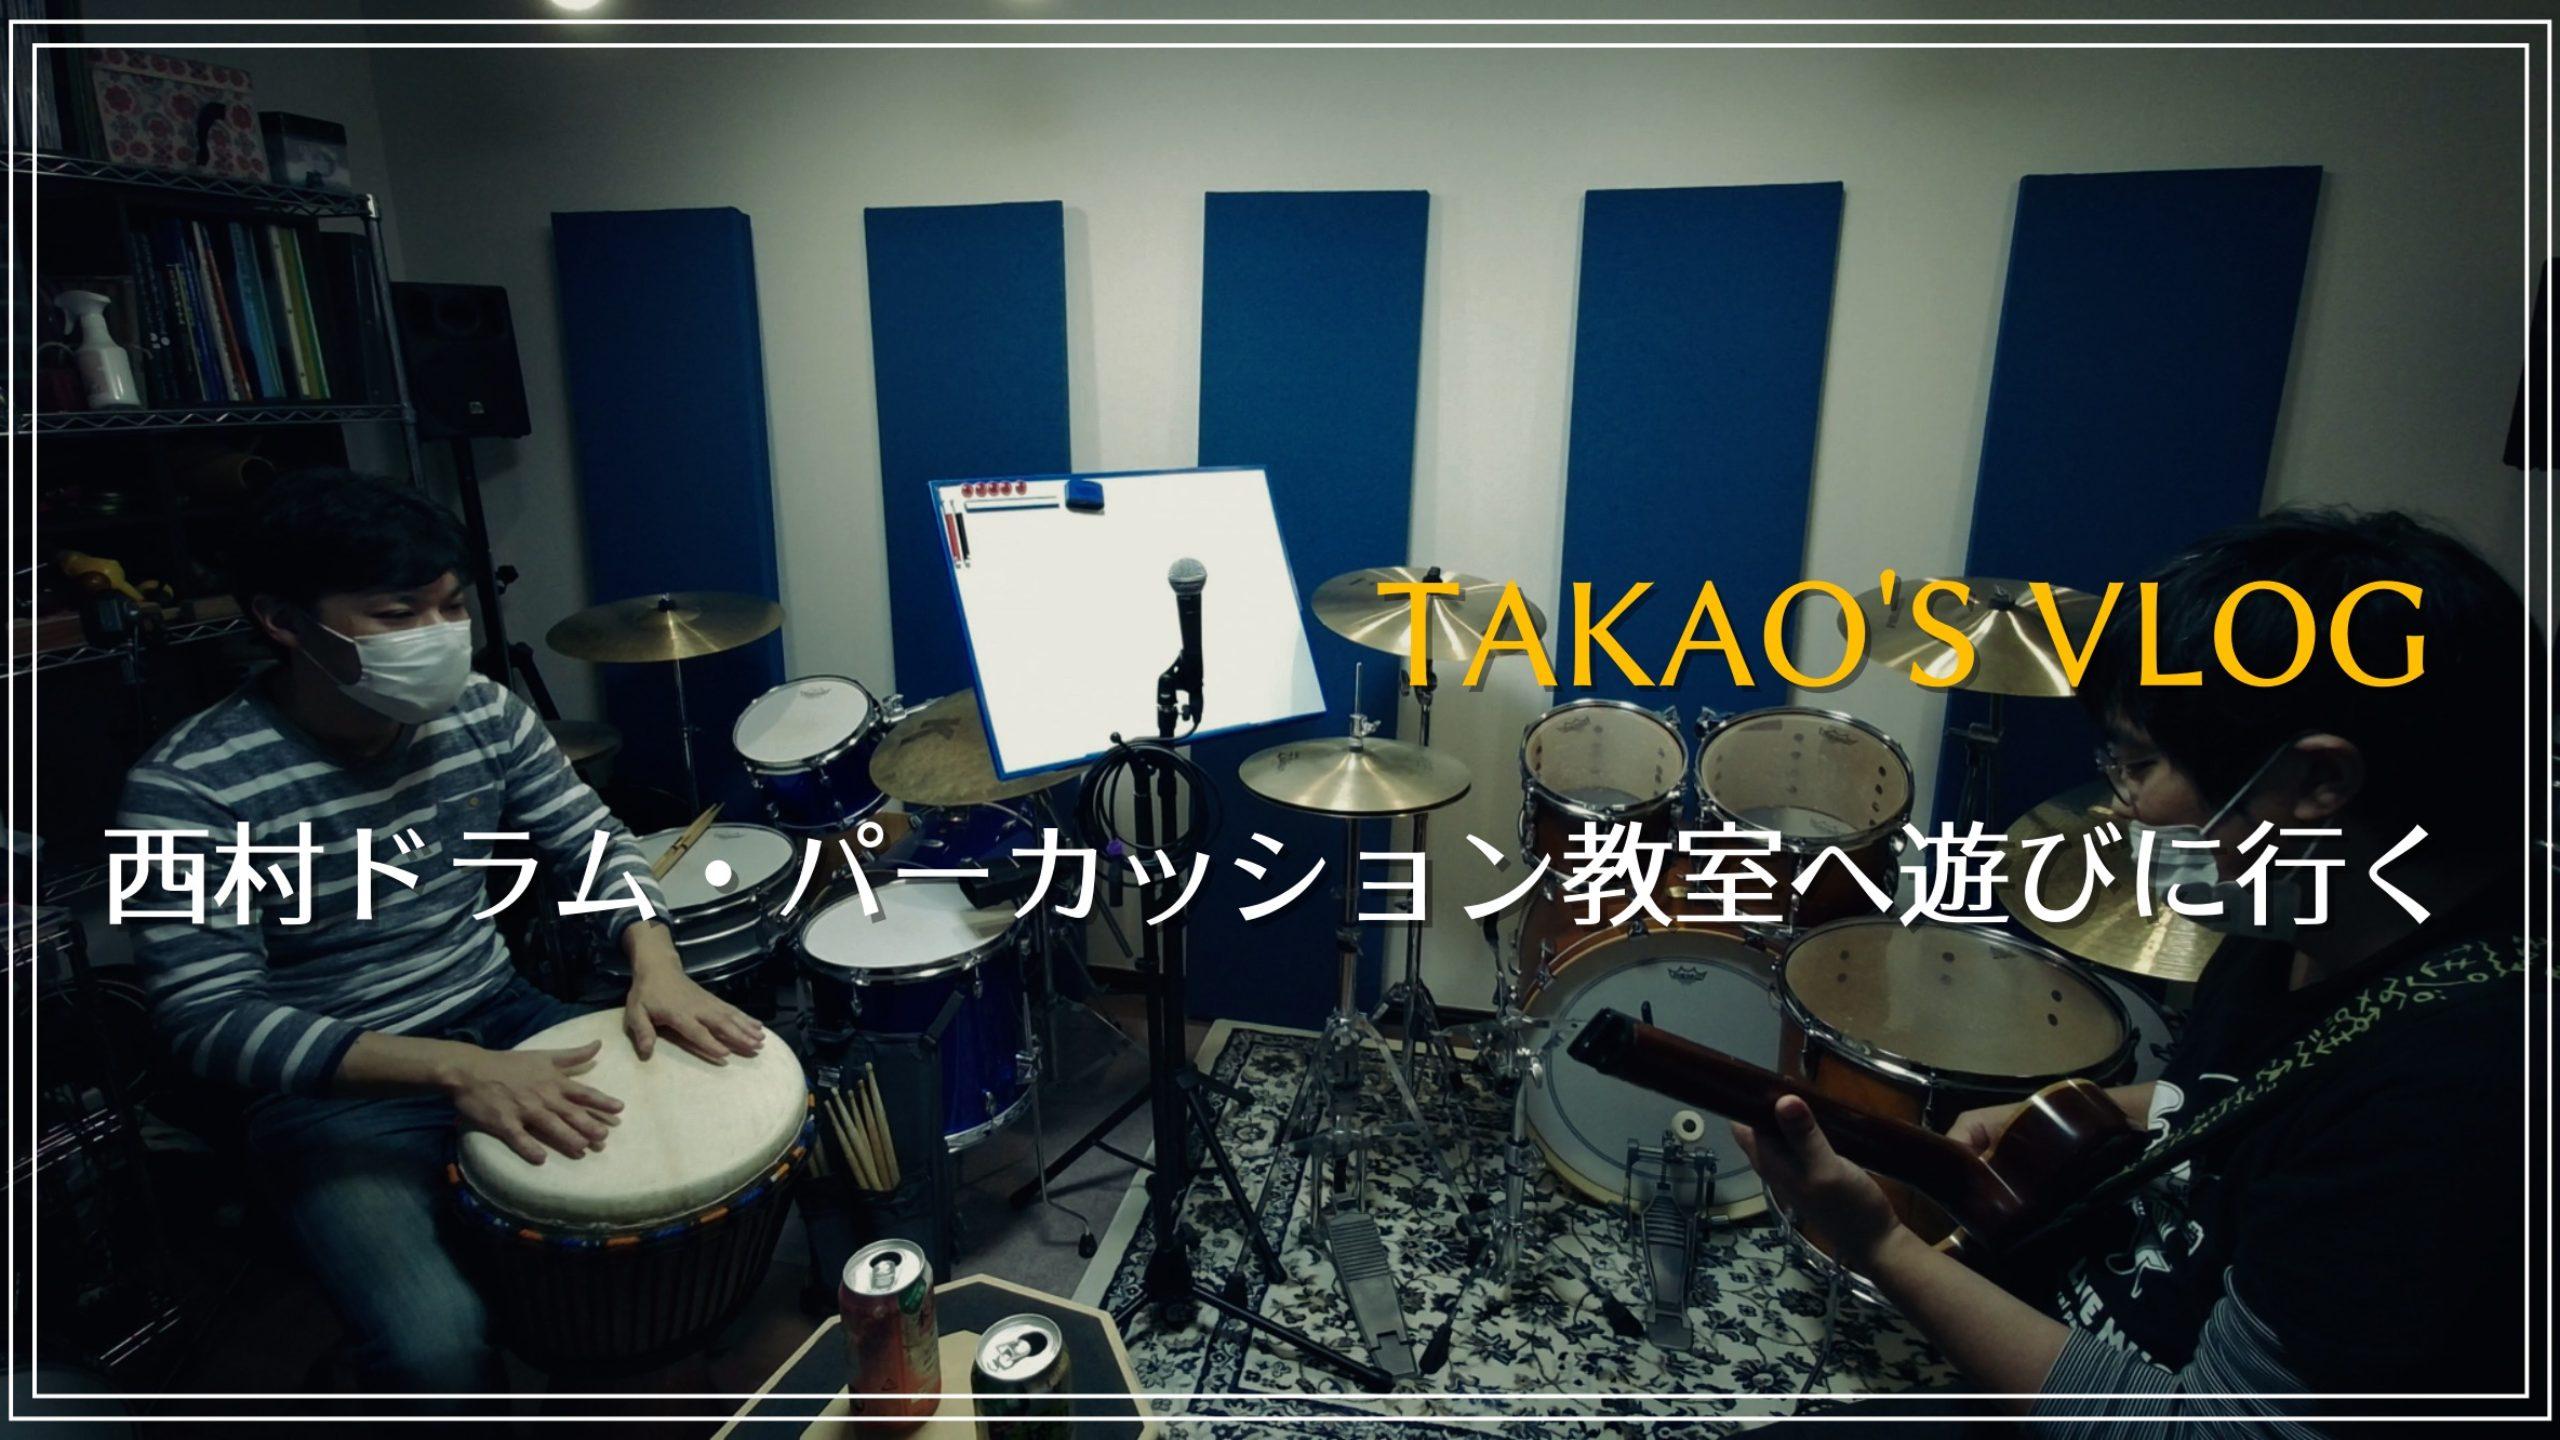 西村ドラム・パーカッション教室へ遊びに行きました